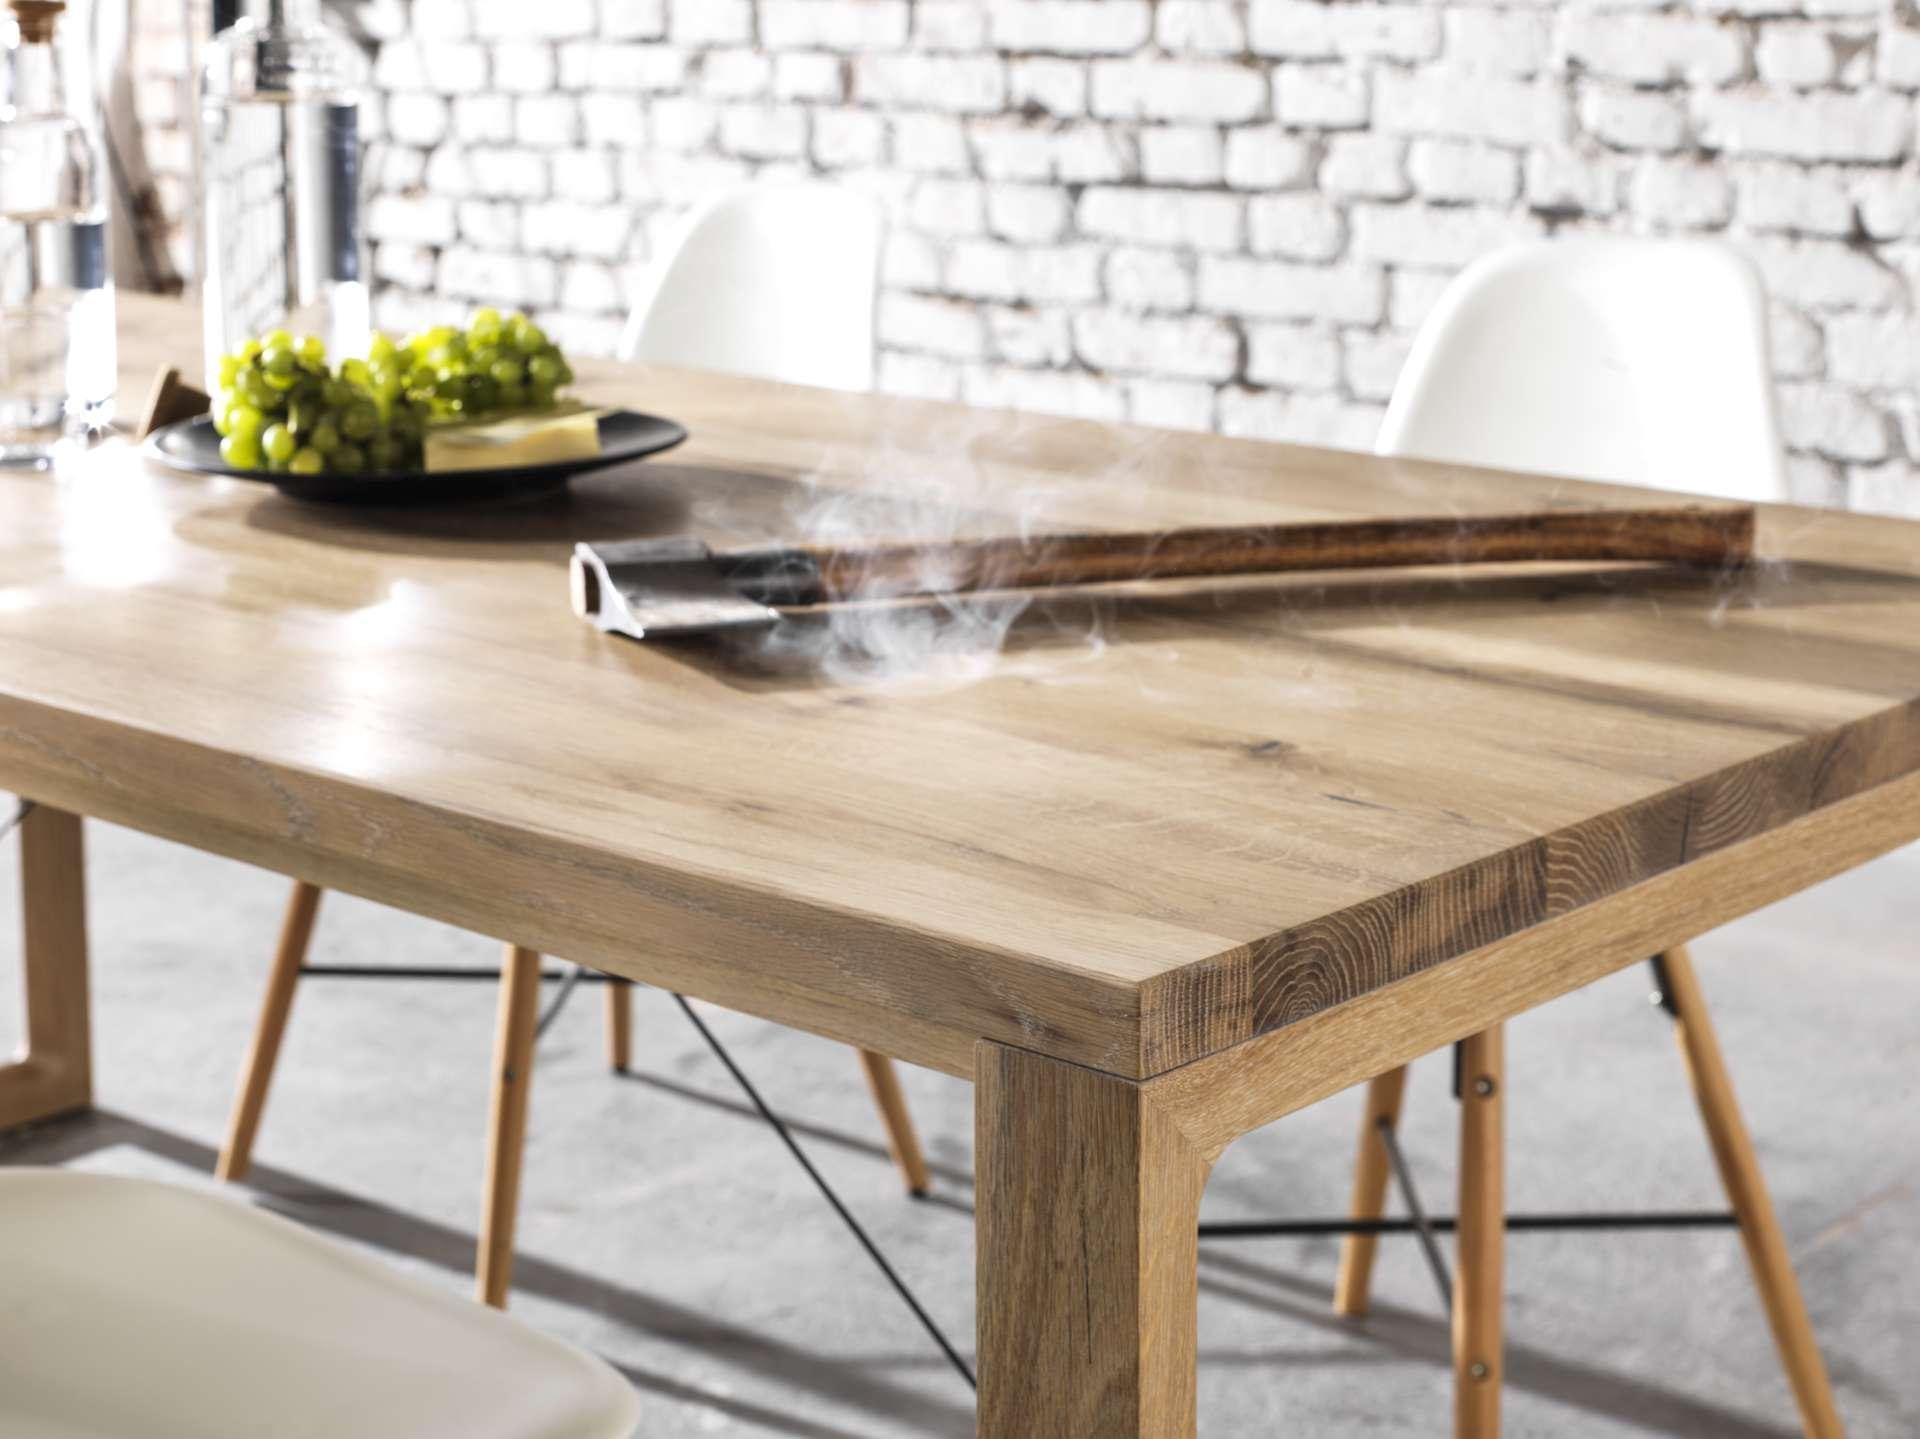 Eichentischplatte aus Massivholz weiß geölt. Auf dem Tisch liegt eine Axt mit Rauch umgeben.